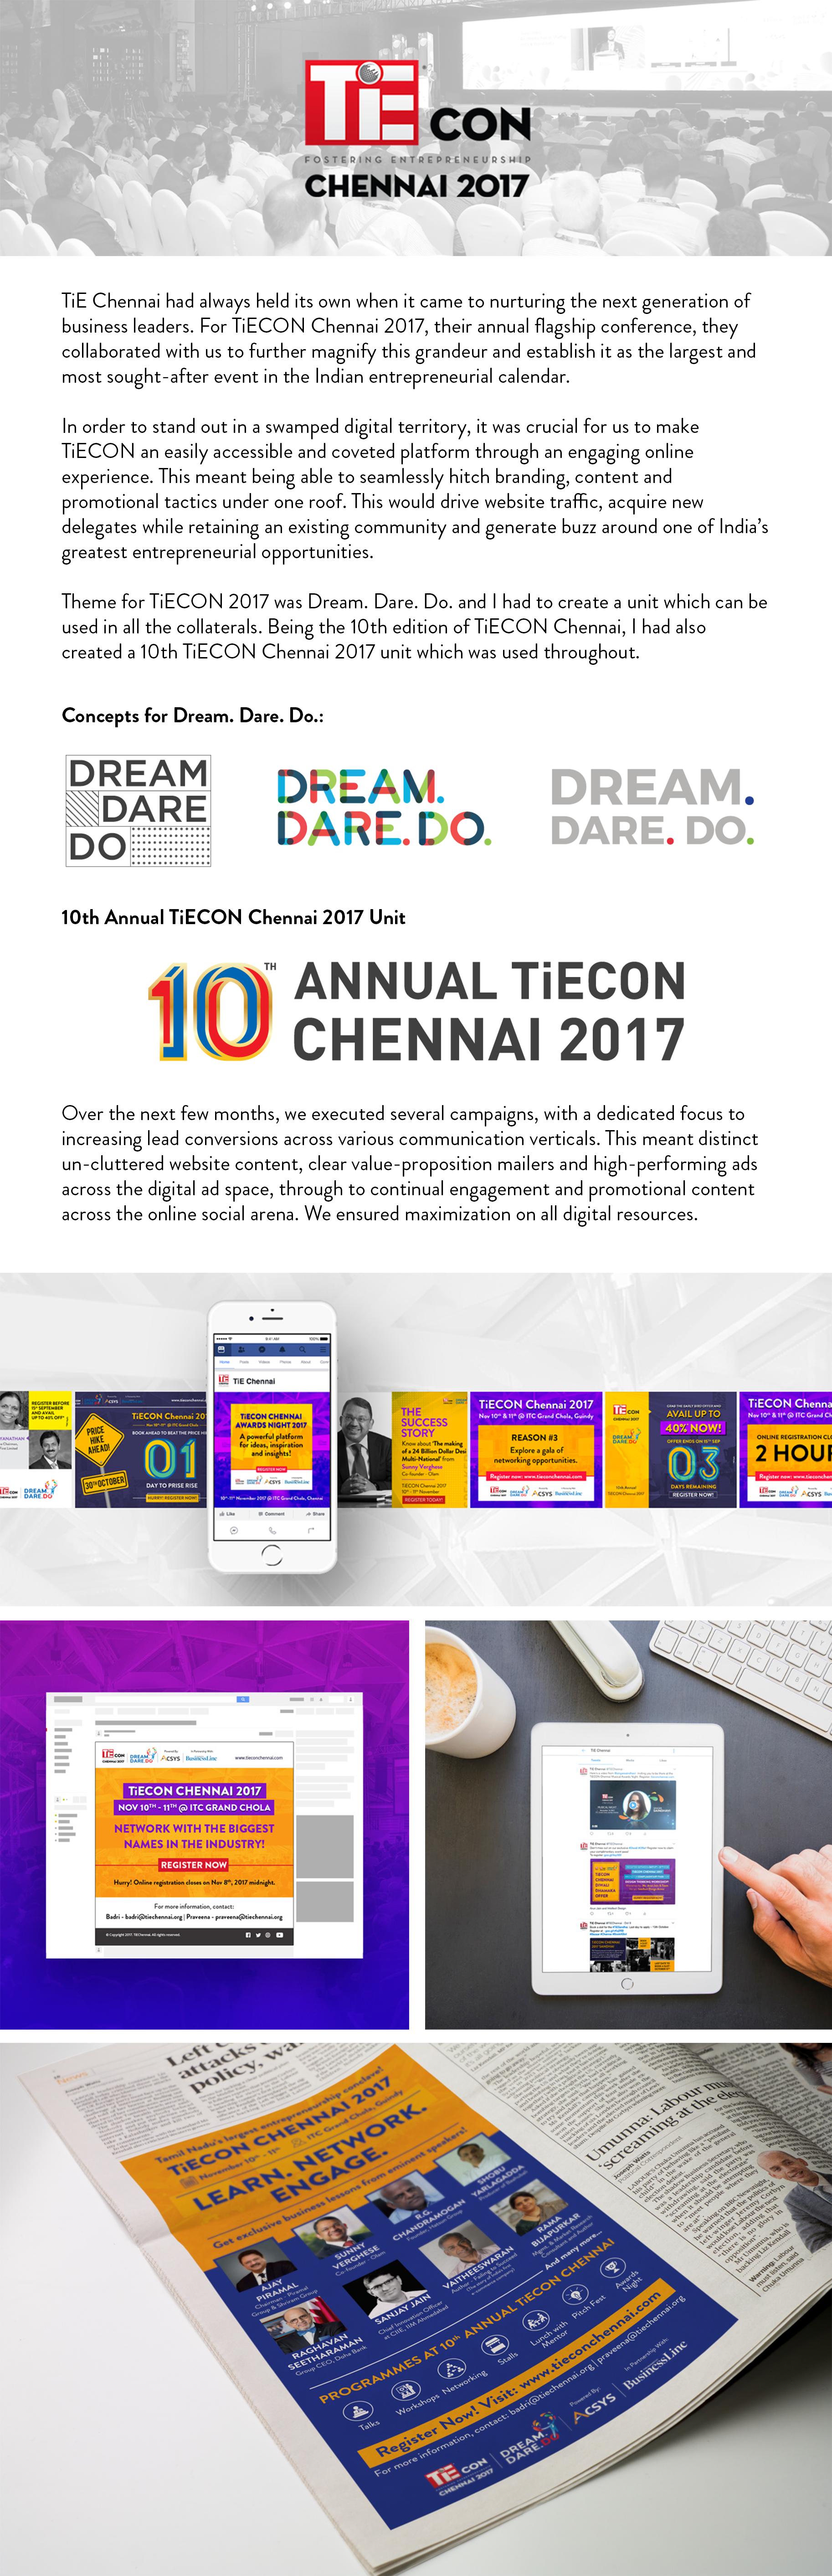 TIE Chennai